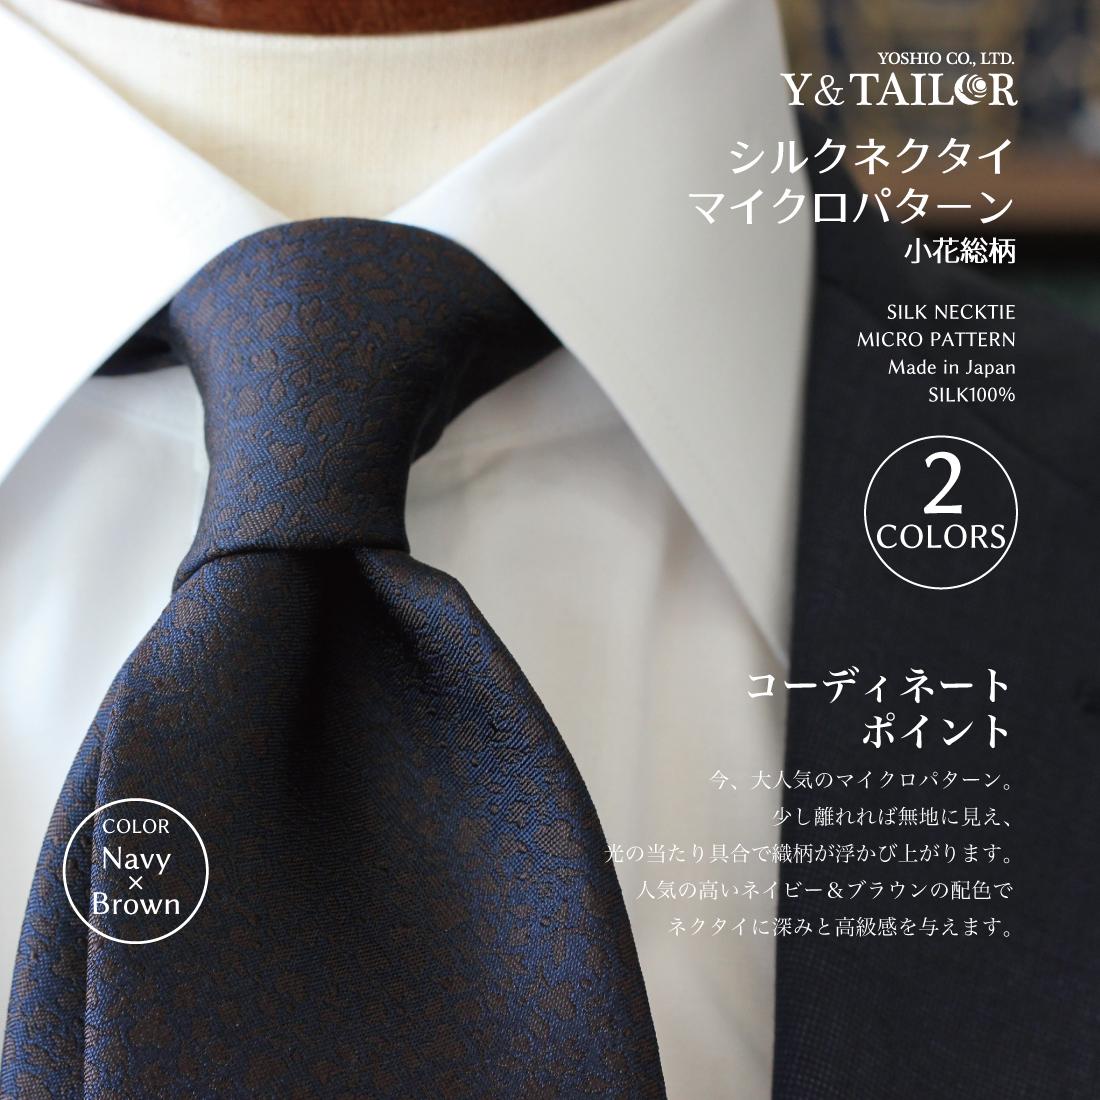 ネクタイ シルク マイクロパターン 小花総柄 2Colors